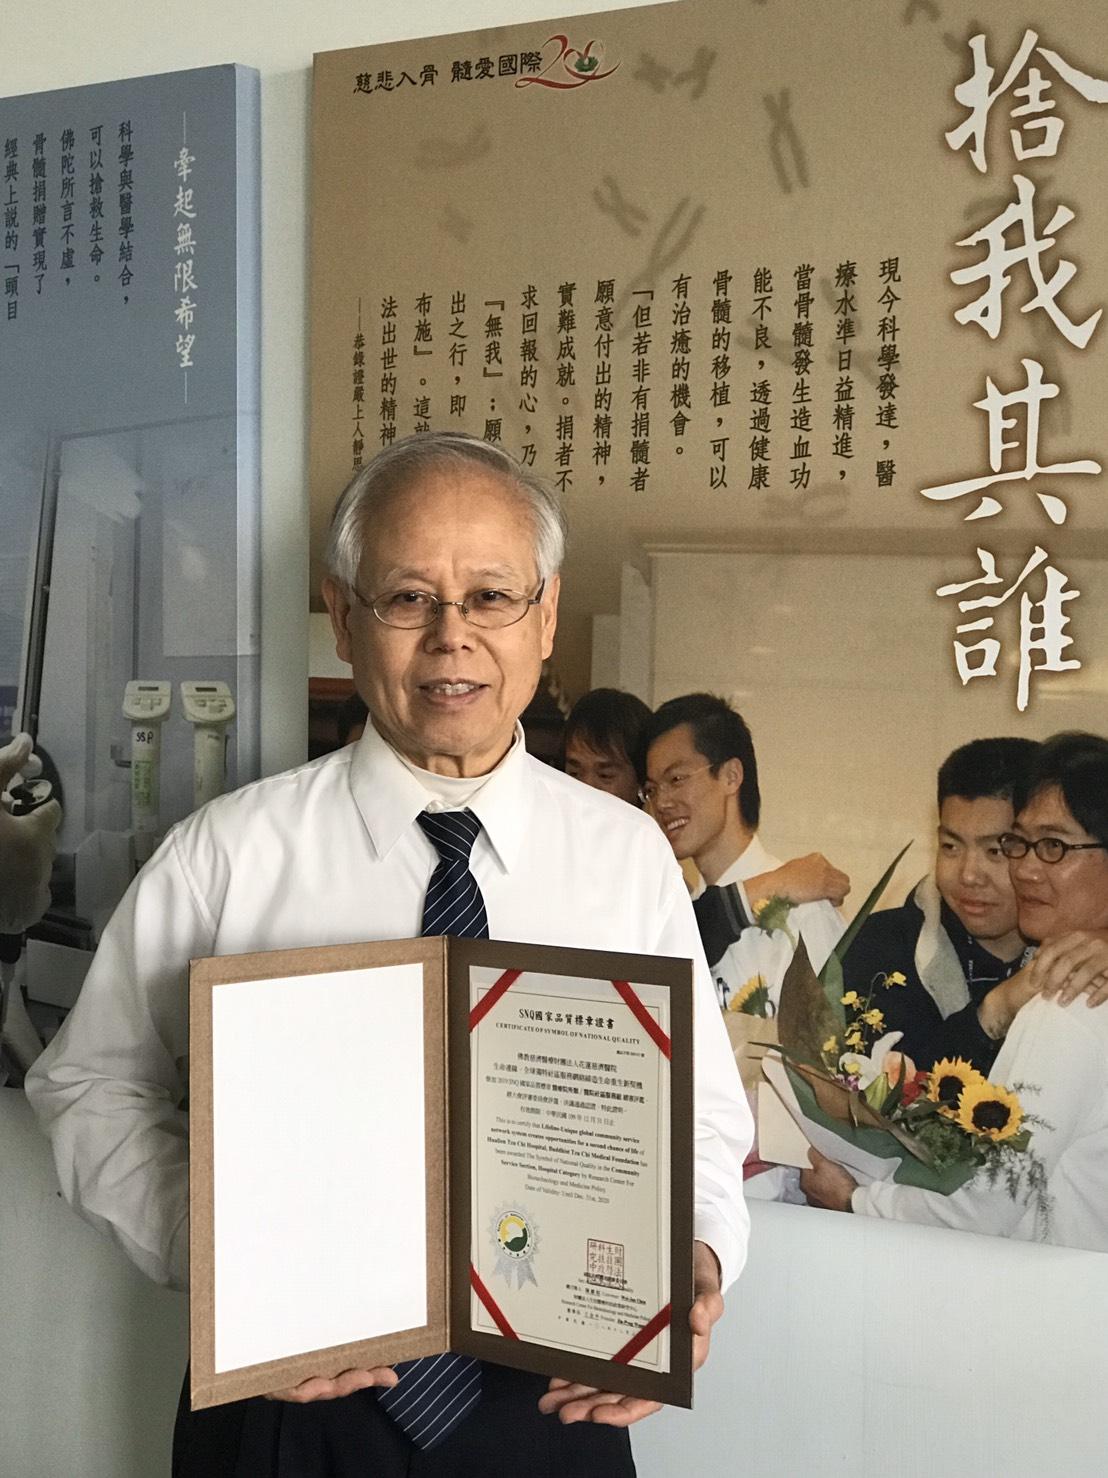 慈濟骨髓幹細胞中心再度以「生命連線—全球獨特社區服務網絡締造生命重生新契機」通過SNQ國家品質標章認證,已連續四年獲得此殊榮。